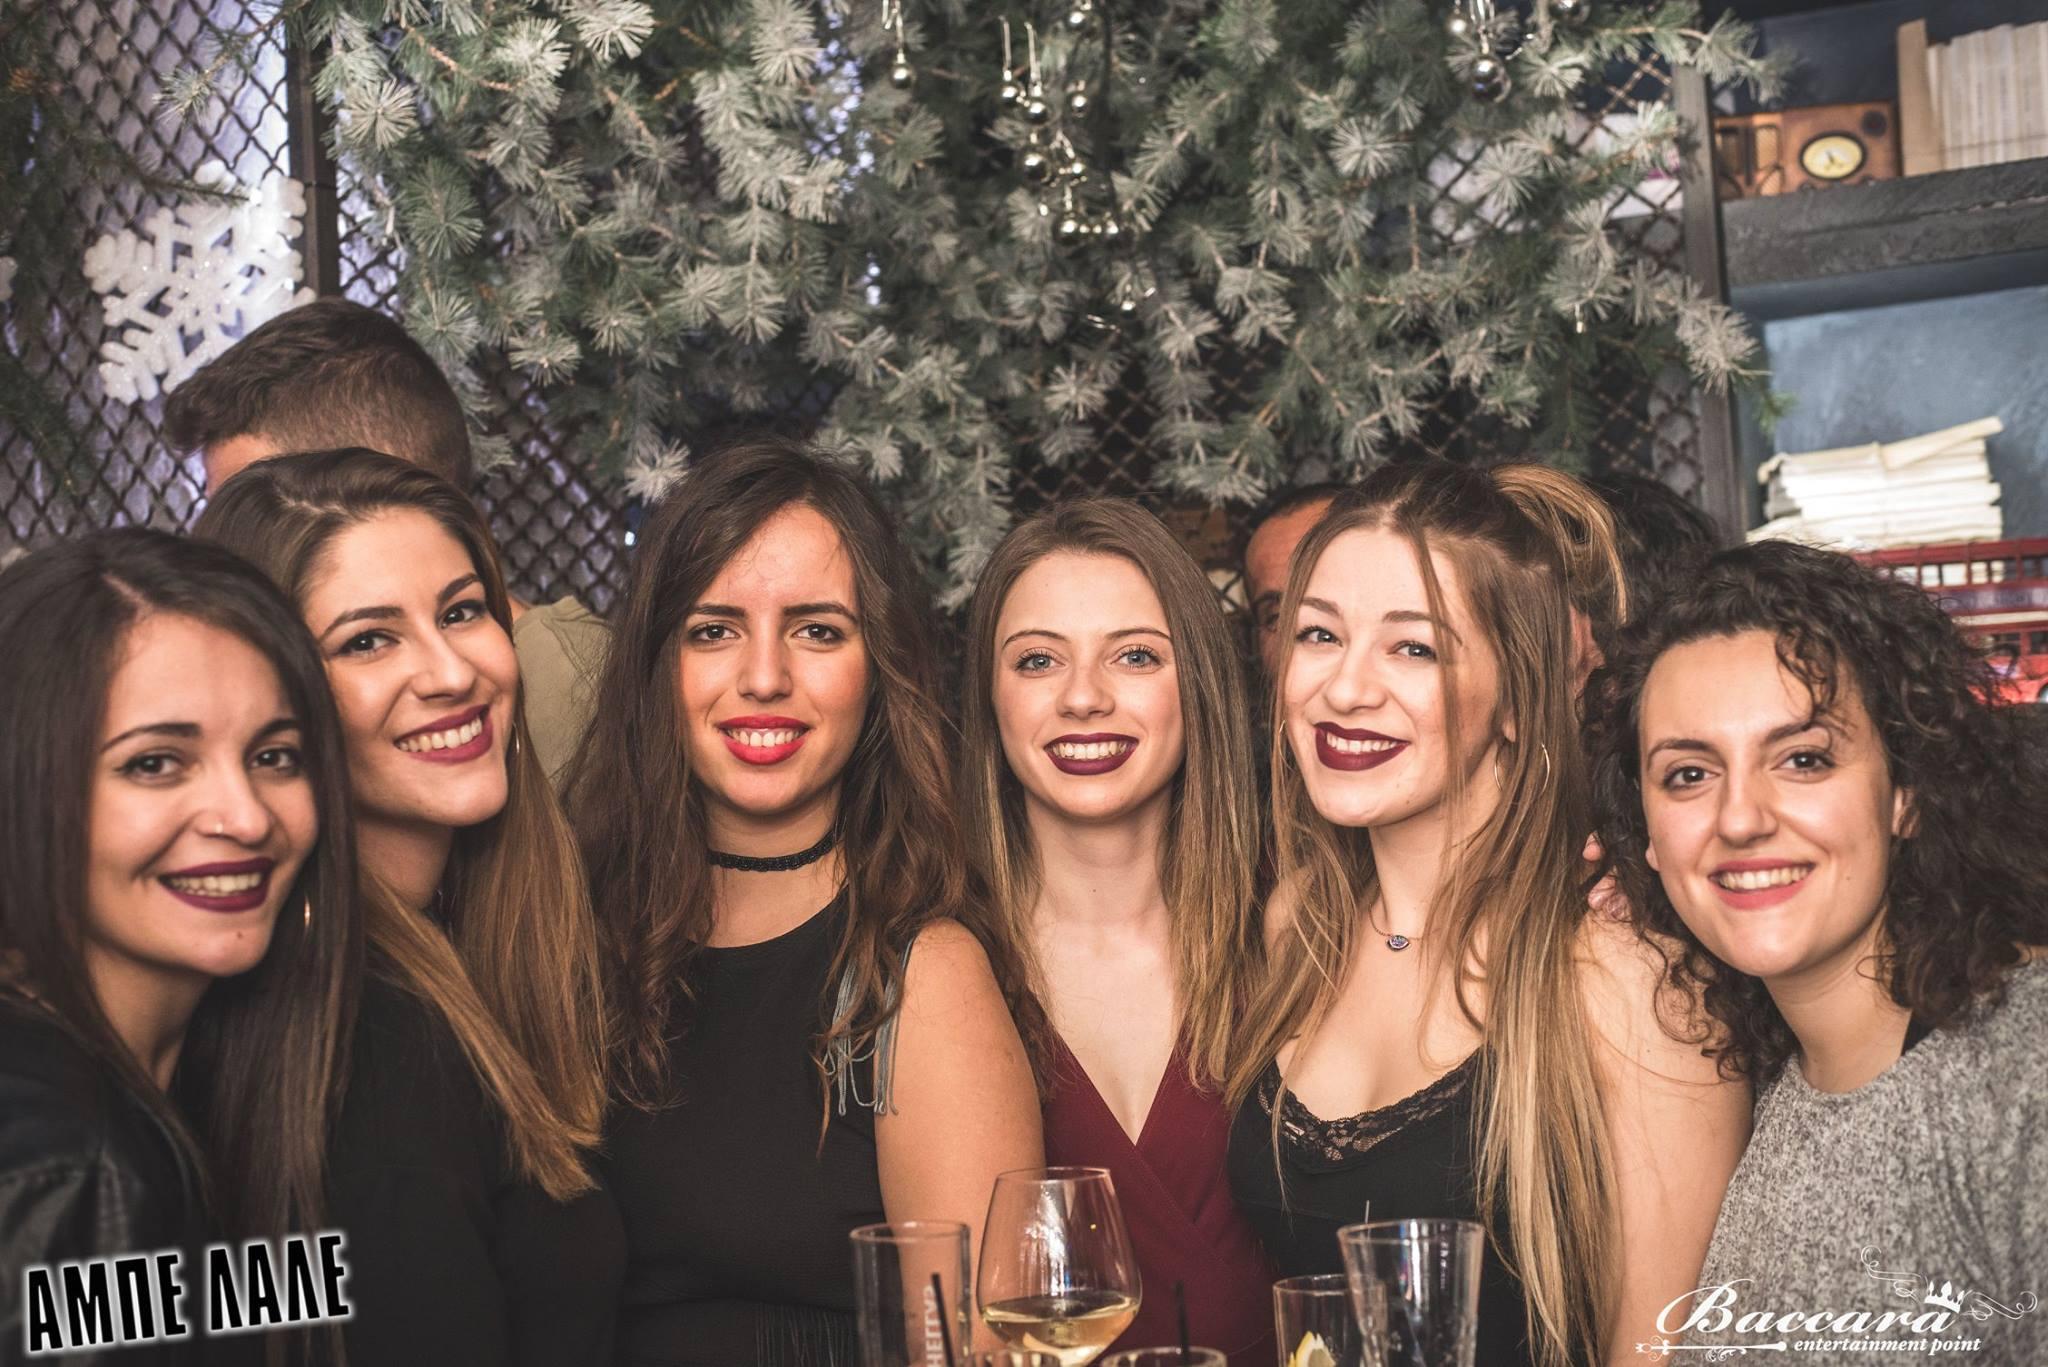 Σε χριστουγεννιάτικους ρυθμούς το «ΑΜΠΕ ΛΑ ΛΕ» party του Baccara bar στην Πτολεμαϊδα,το βράδυ της Πέμπτης 14 Δεκεμβρίου